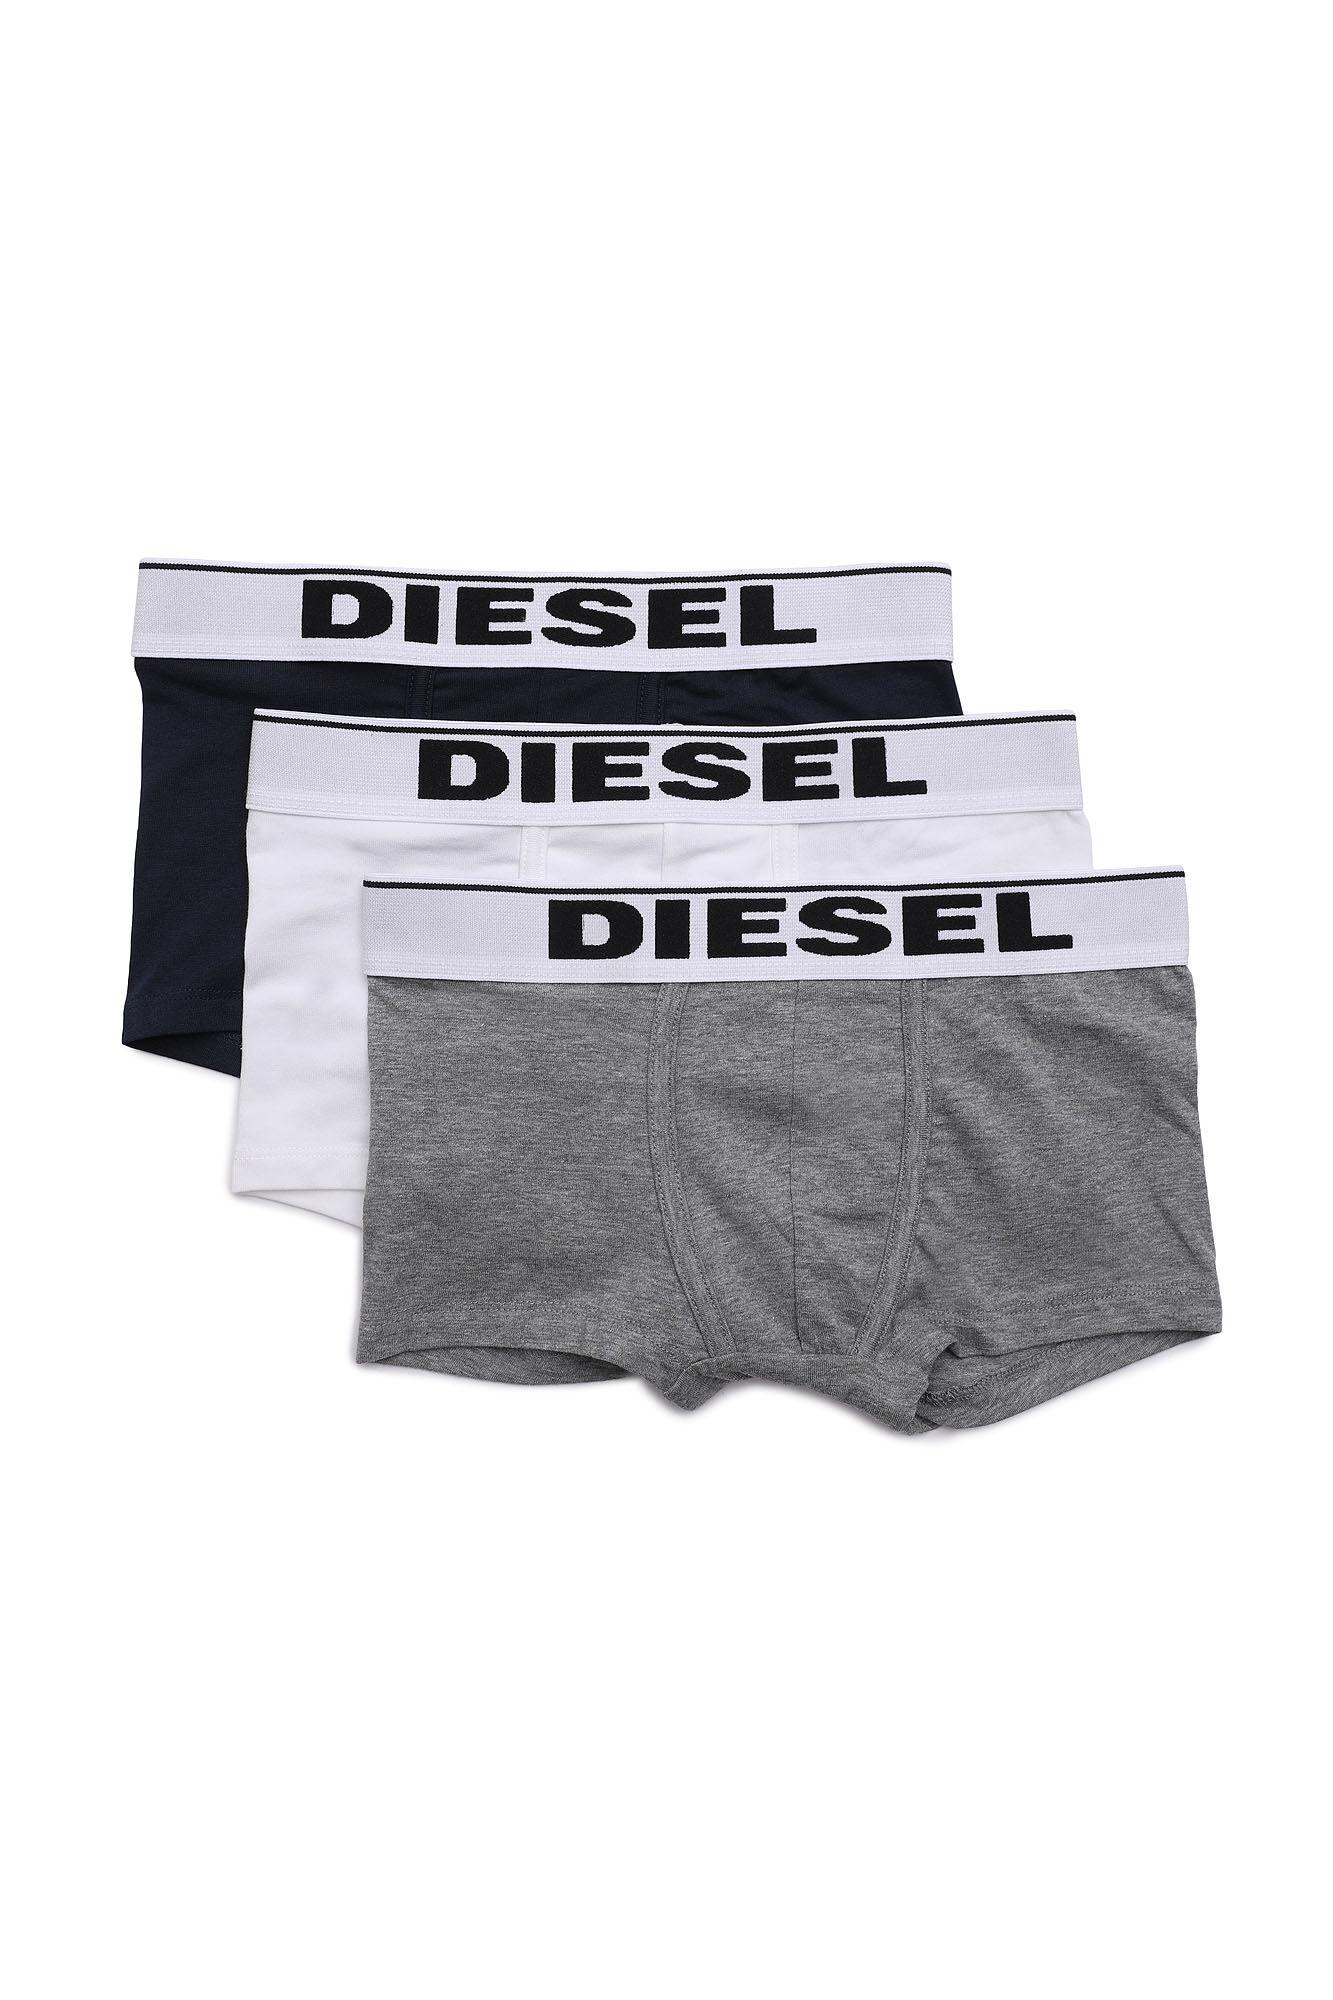 Umbx-Udamienthreepack Boxers - Diesel Kid